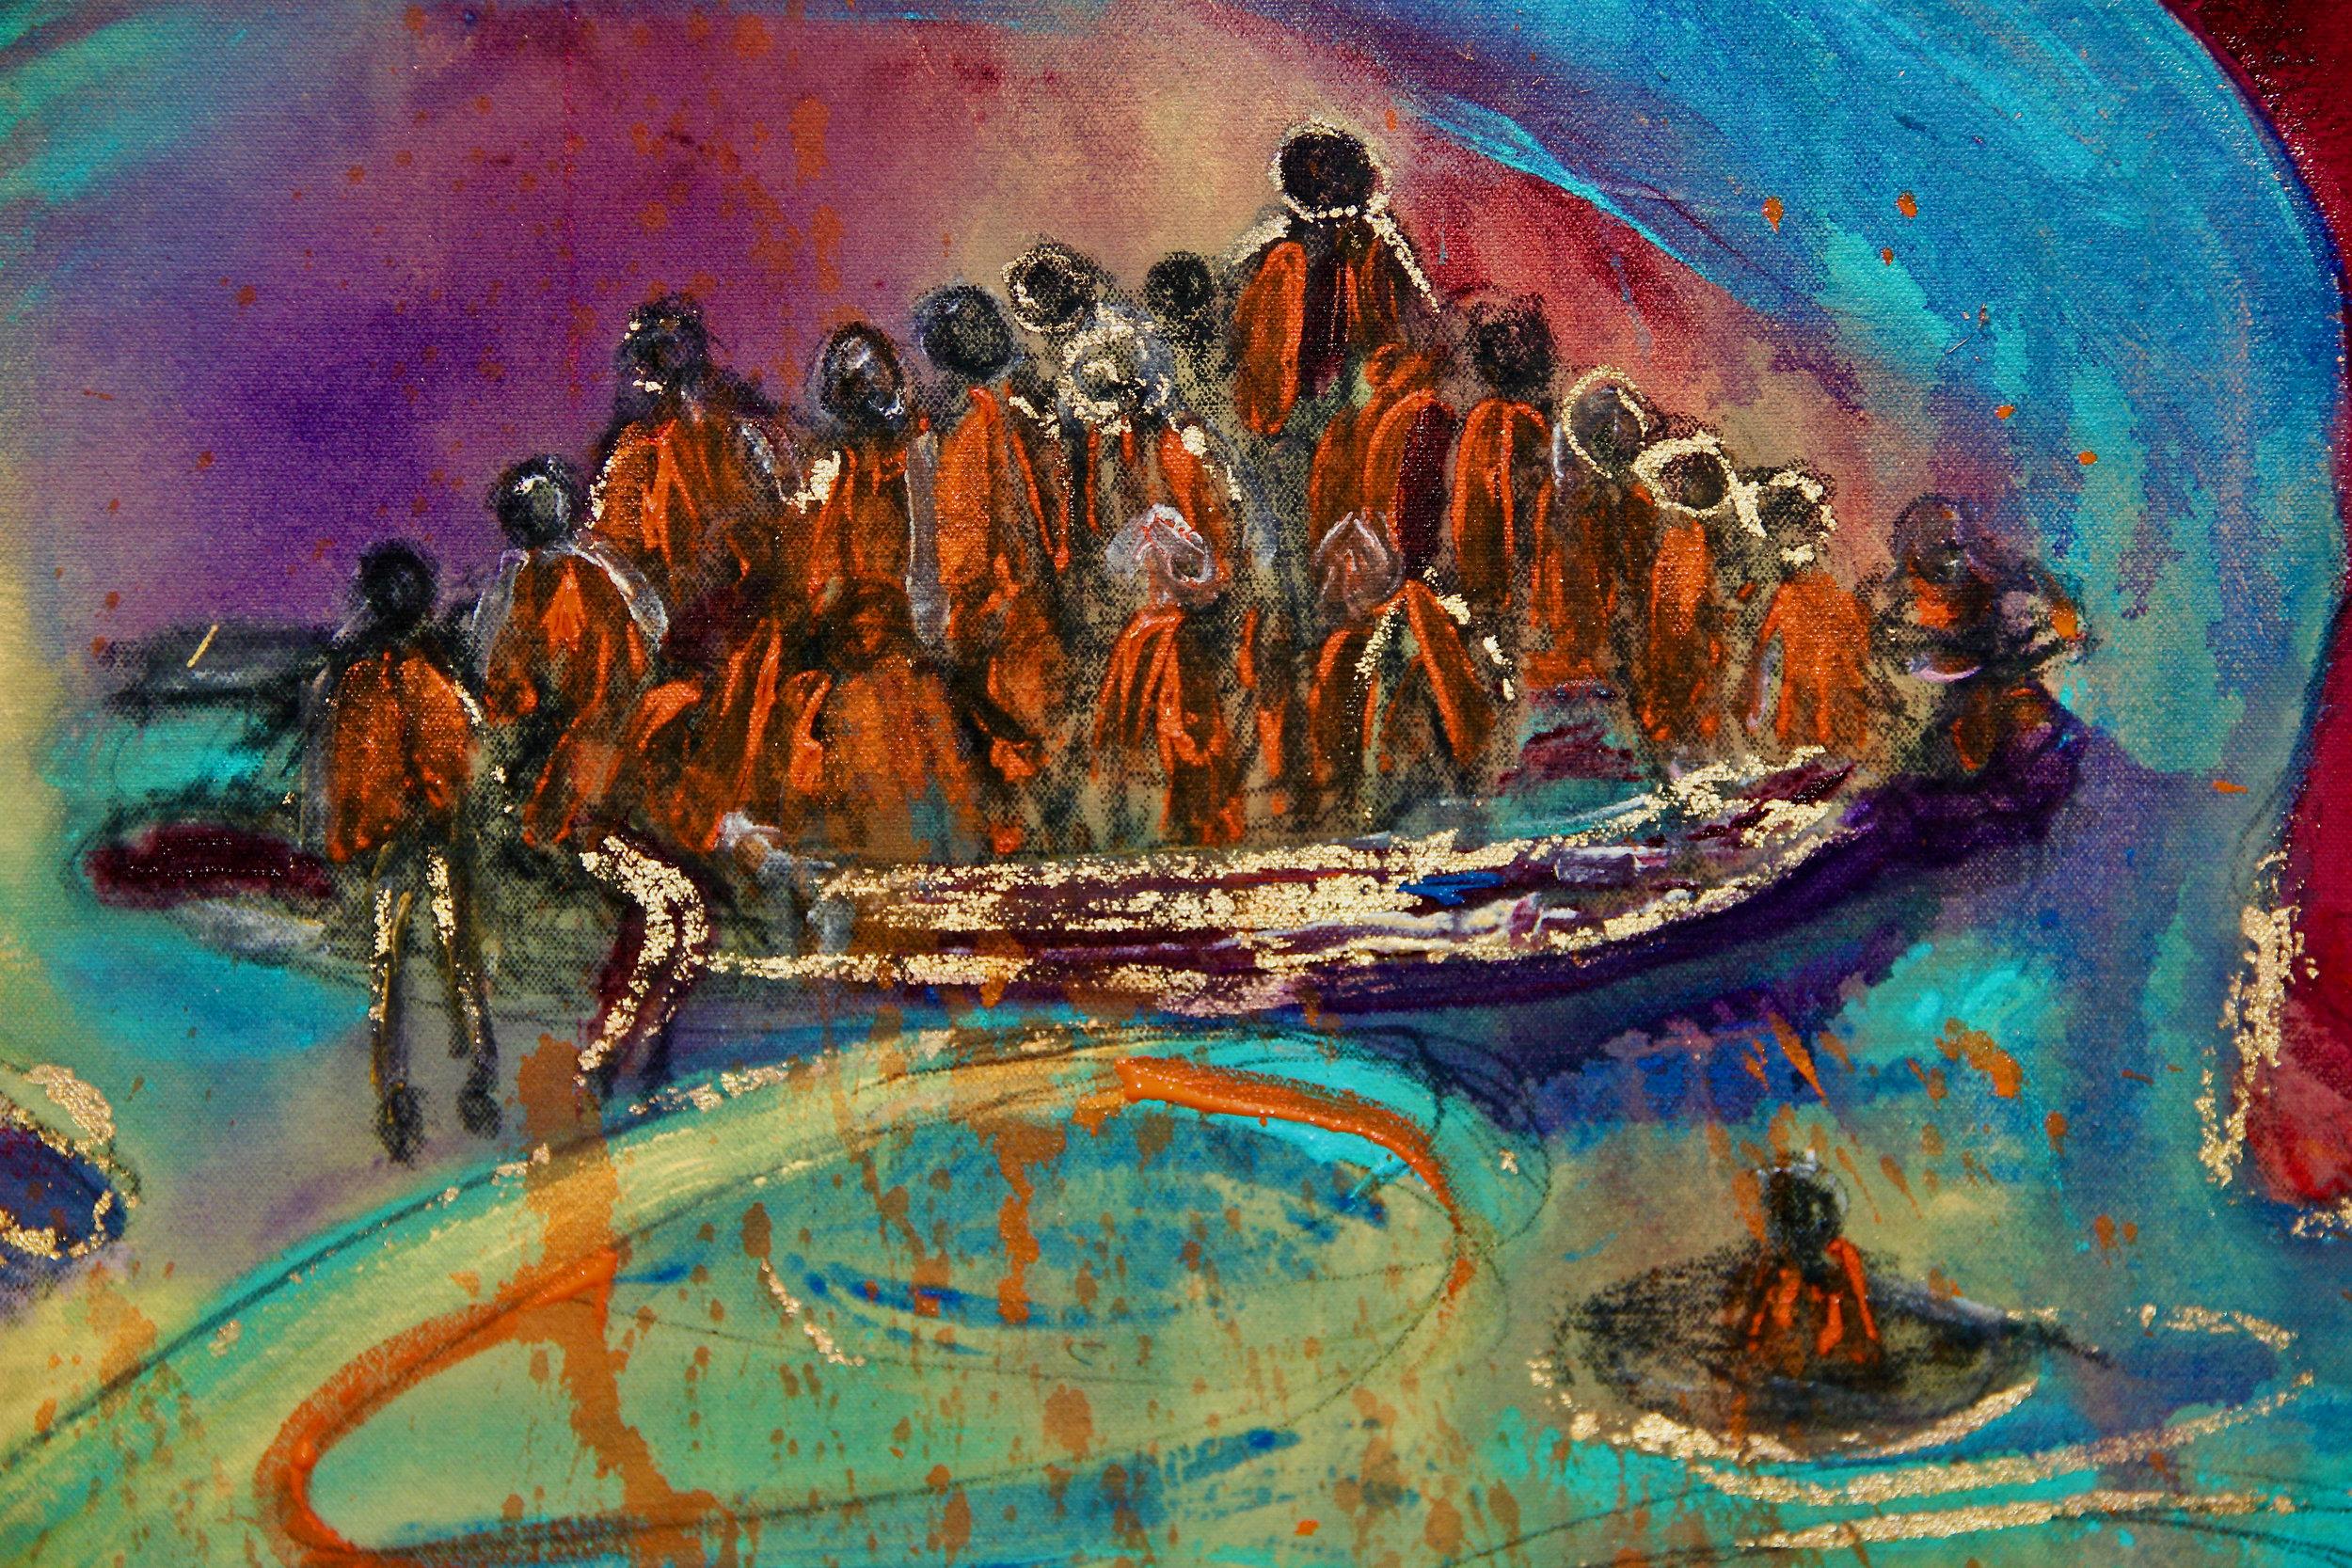 RGadsden003 Lost at Sea (detail).jpg